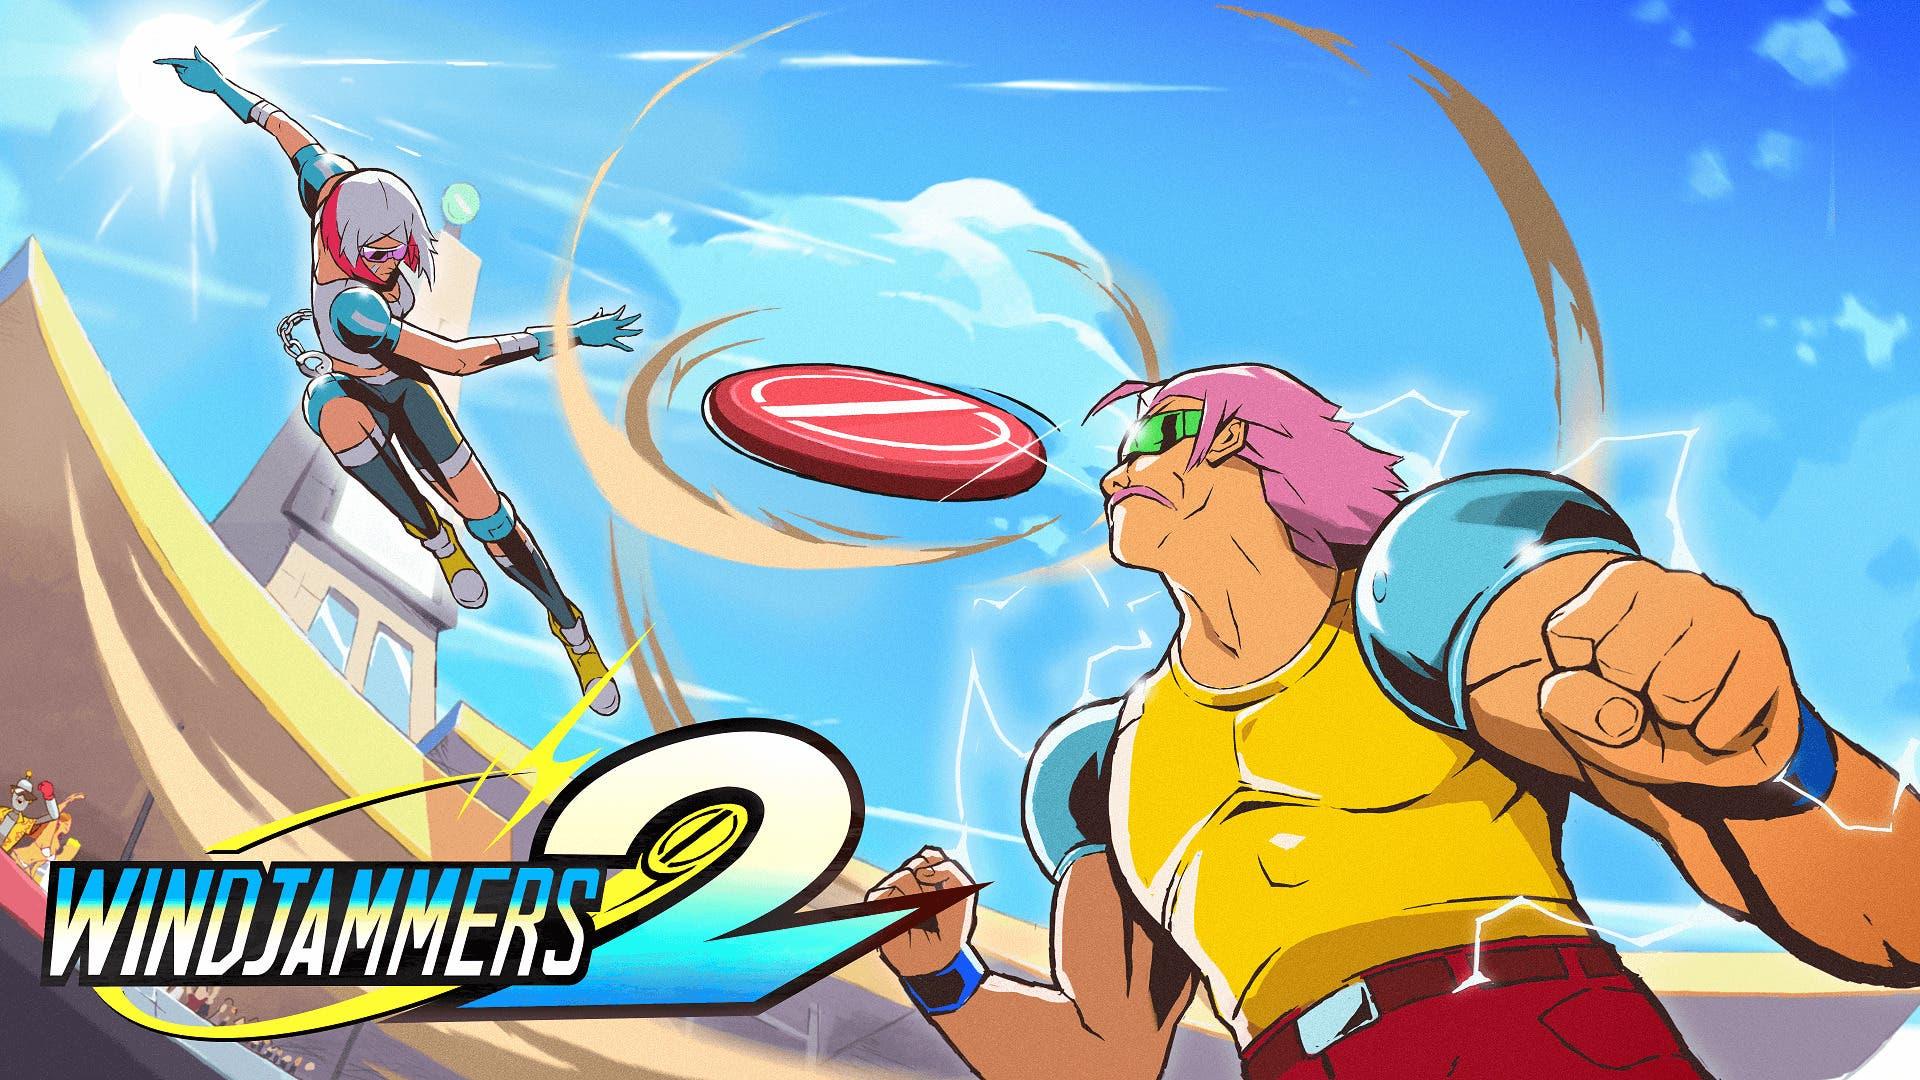 Imagen de El primer gameplay de Windjammers 2 muestra habilidades y personajes